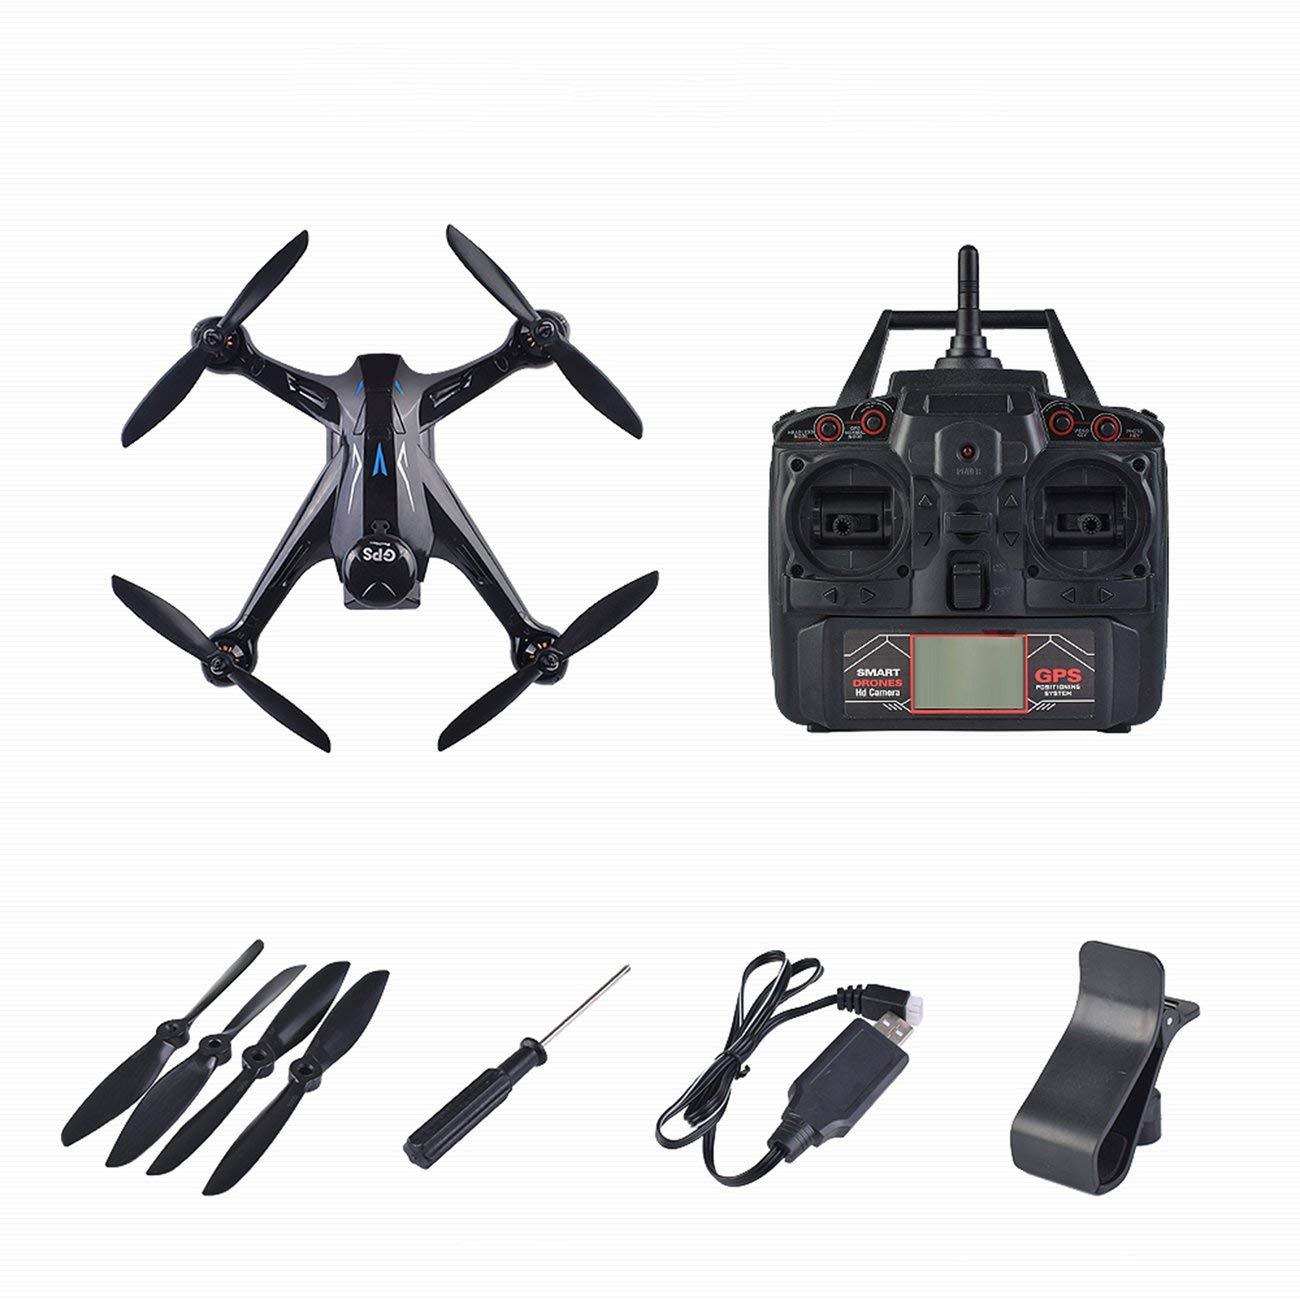 nuevo estilo Jiobapiongxin Abejón de 1080P GPS con los Aviones Aviones Aviones de Cuatro Ejes de Quadrocopter X198 de la cámara 2.4G WiFi JBP-X  Ven a elegir tu propio estilo deportivo.